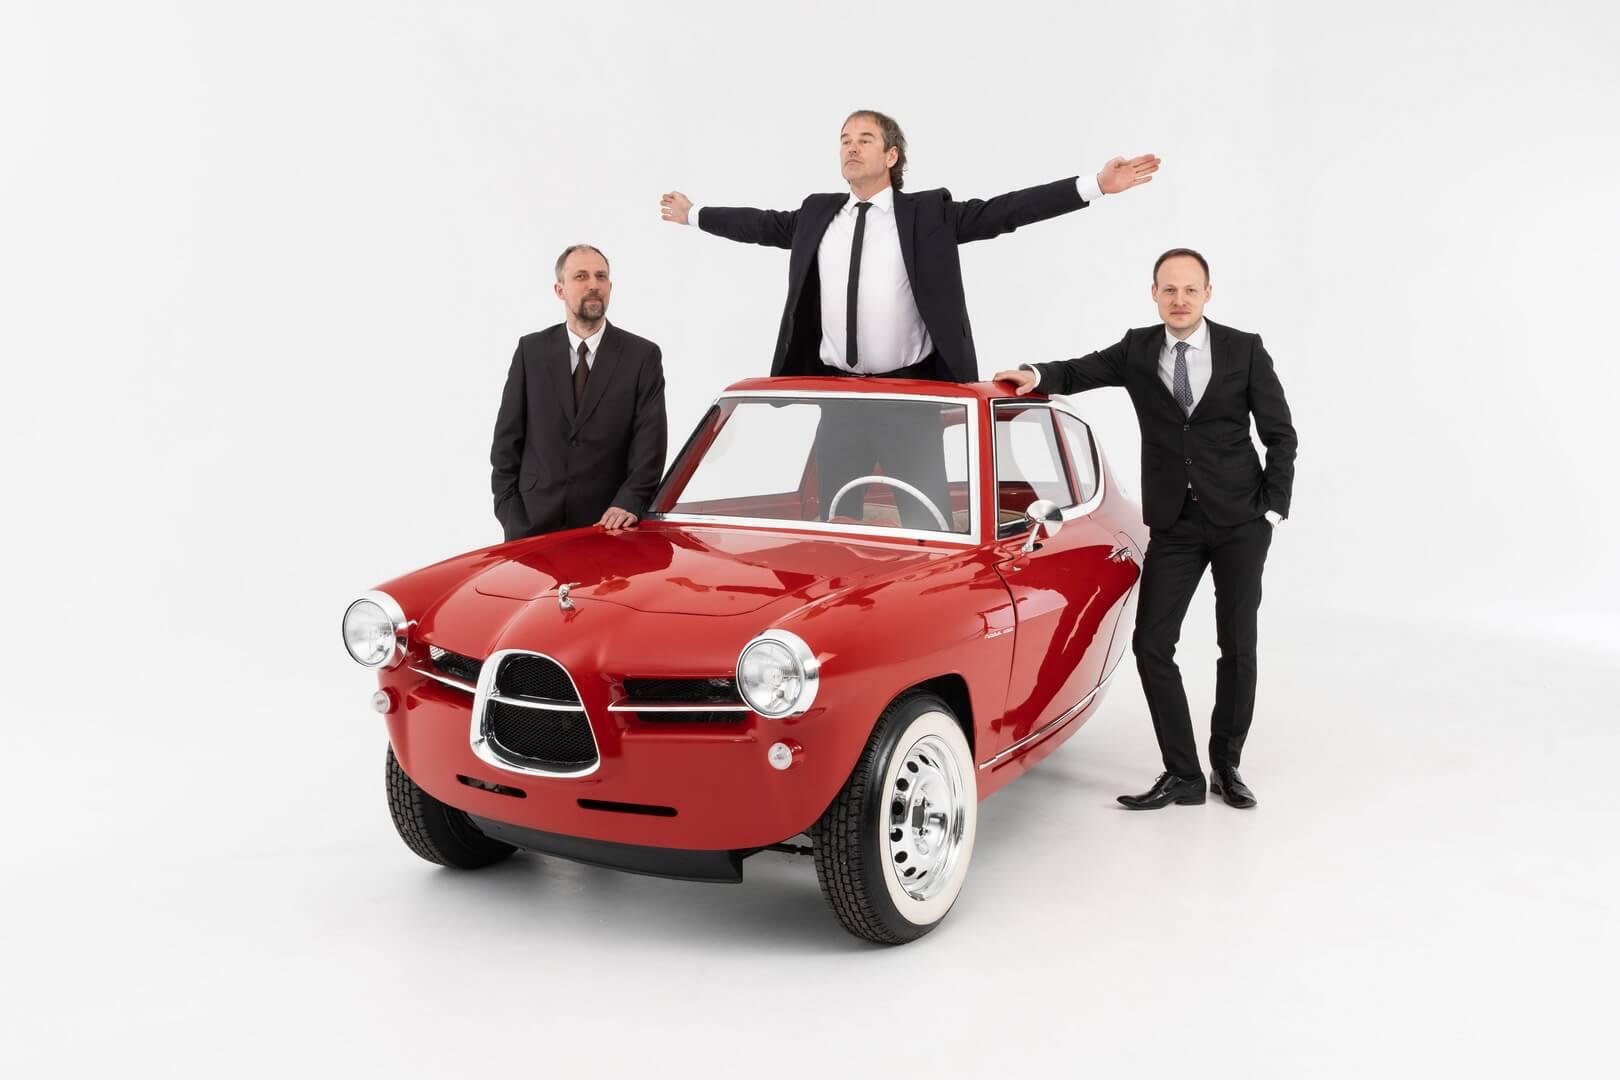 Эстонский стартап открывает предварительные заказы на трехколесный электромобиль Nobe 100